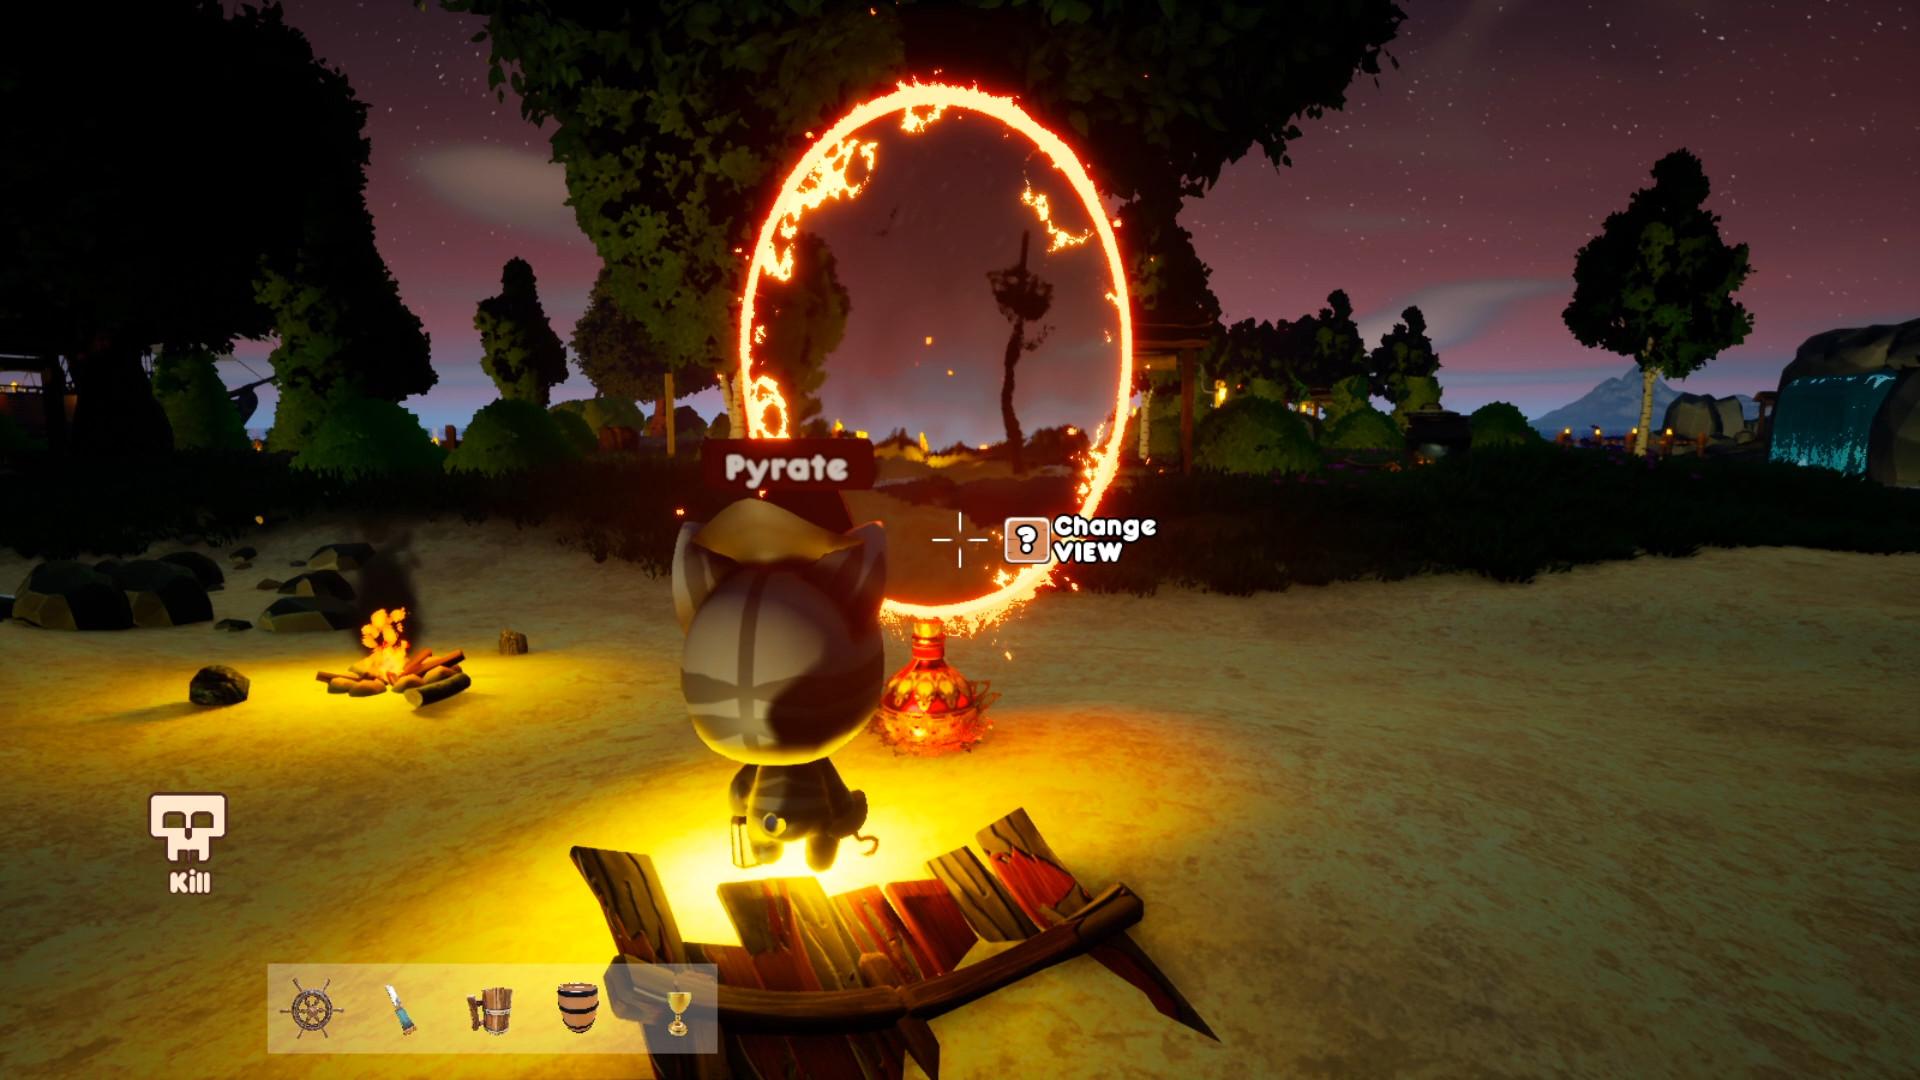 第三人称多人在线卡通生存游戏《求生谎言岛》现已上架Steam 支持简体中文